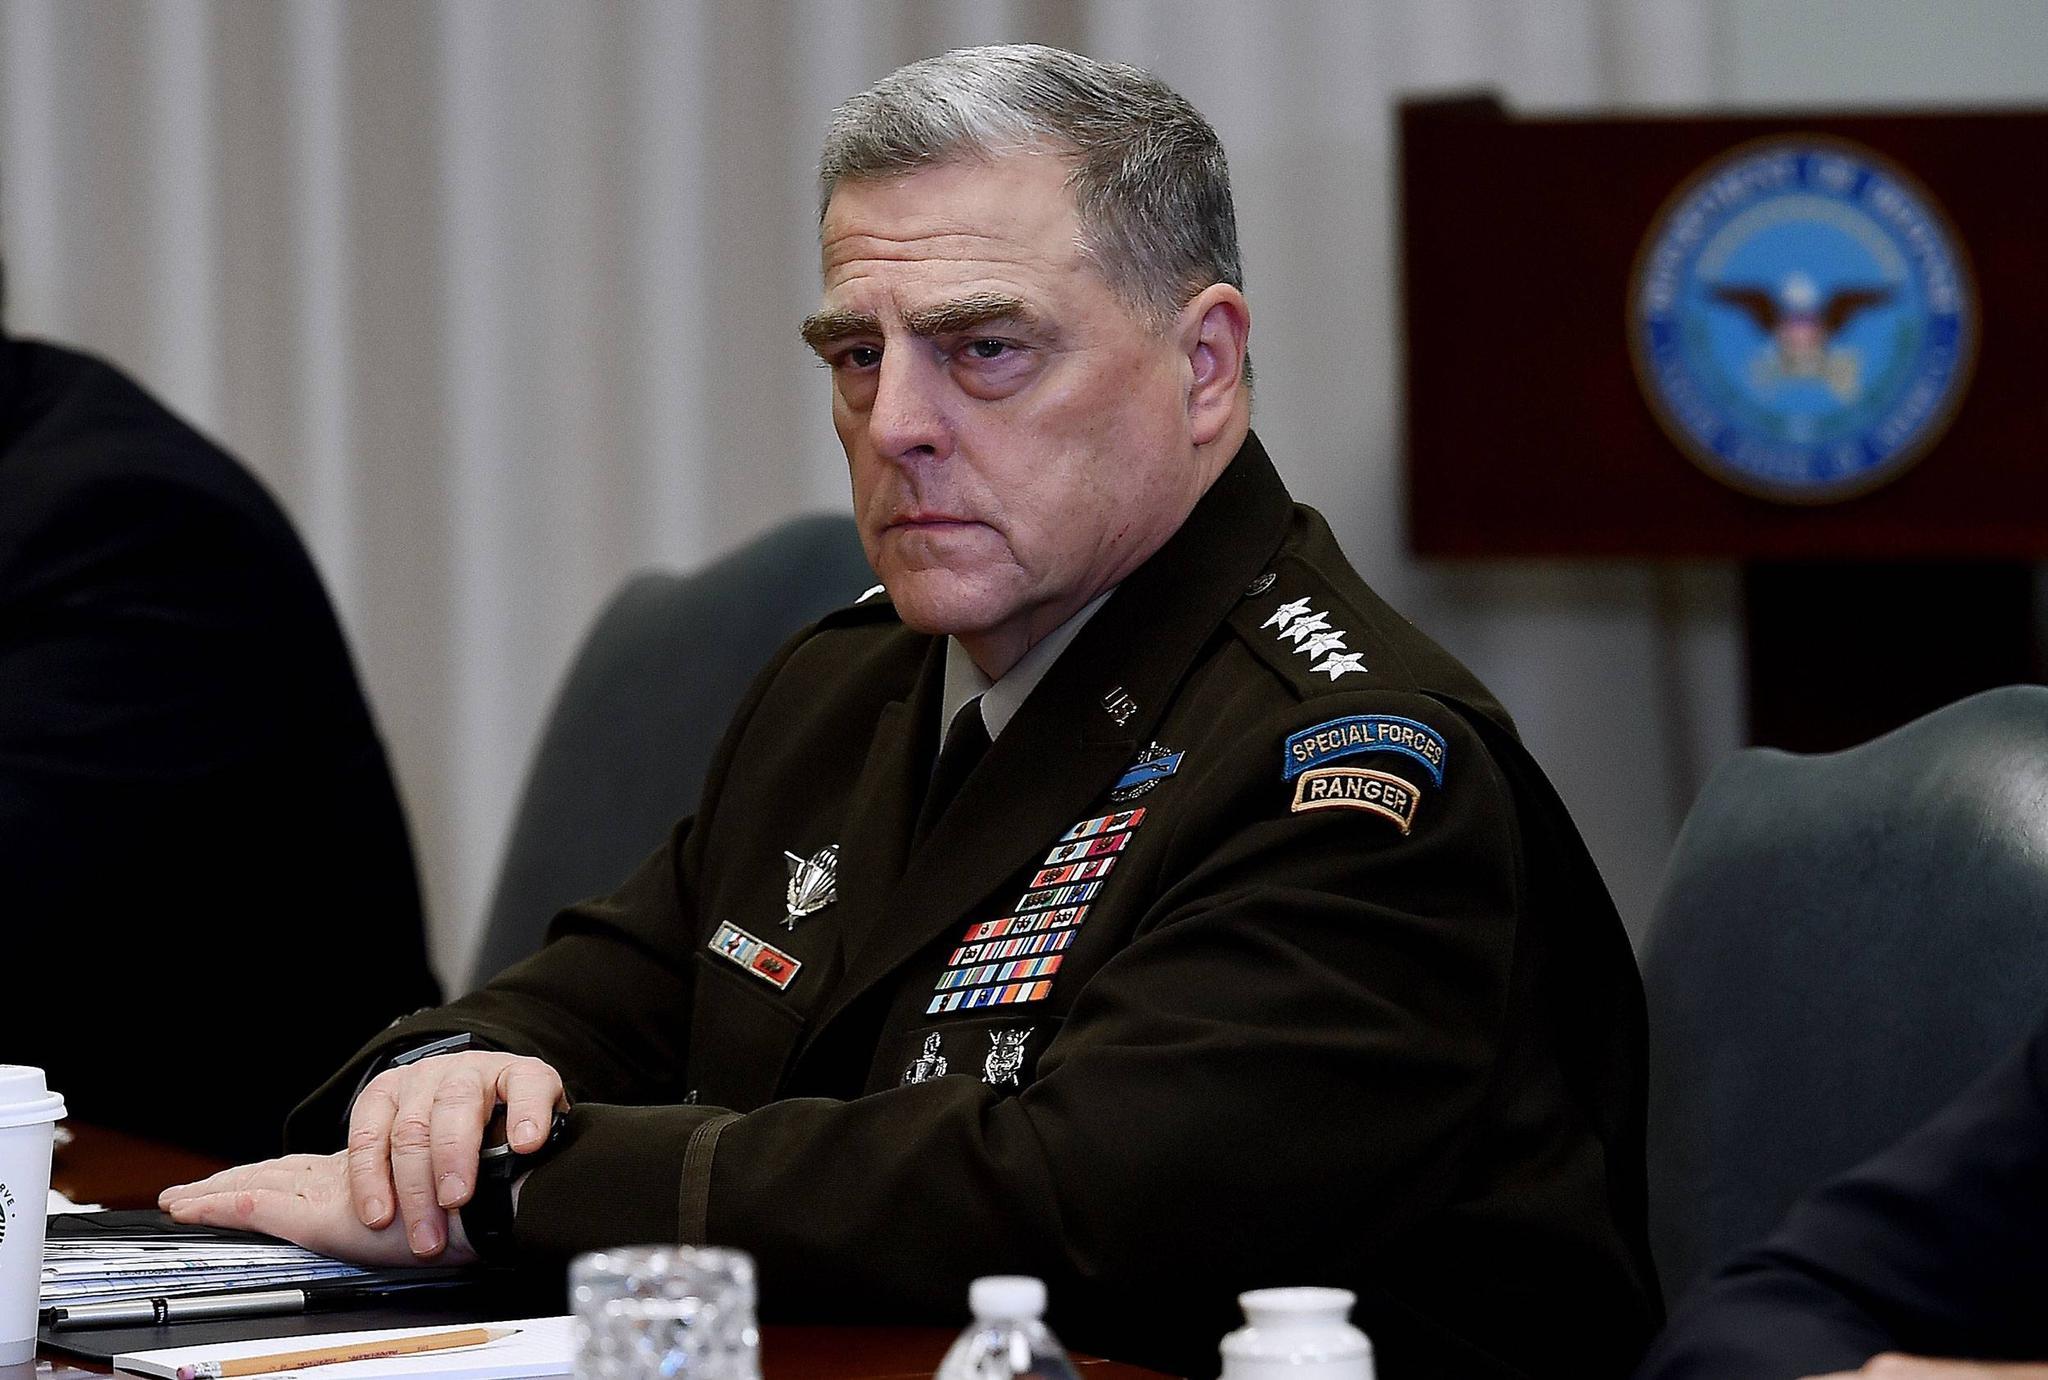 曾与新冠确诊患者接触,美军最高将领马克·米利正接受隔离